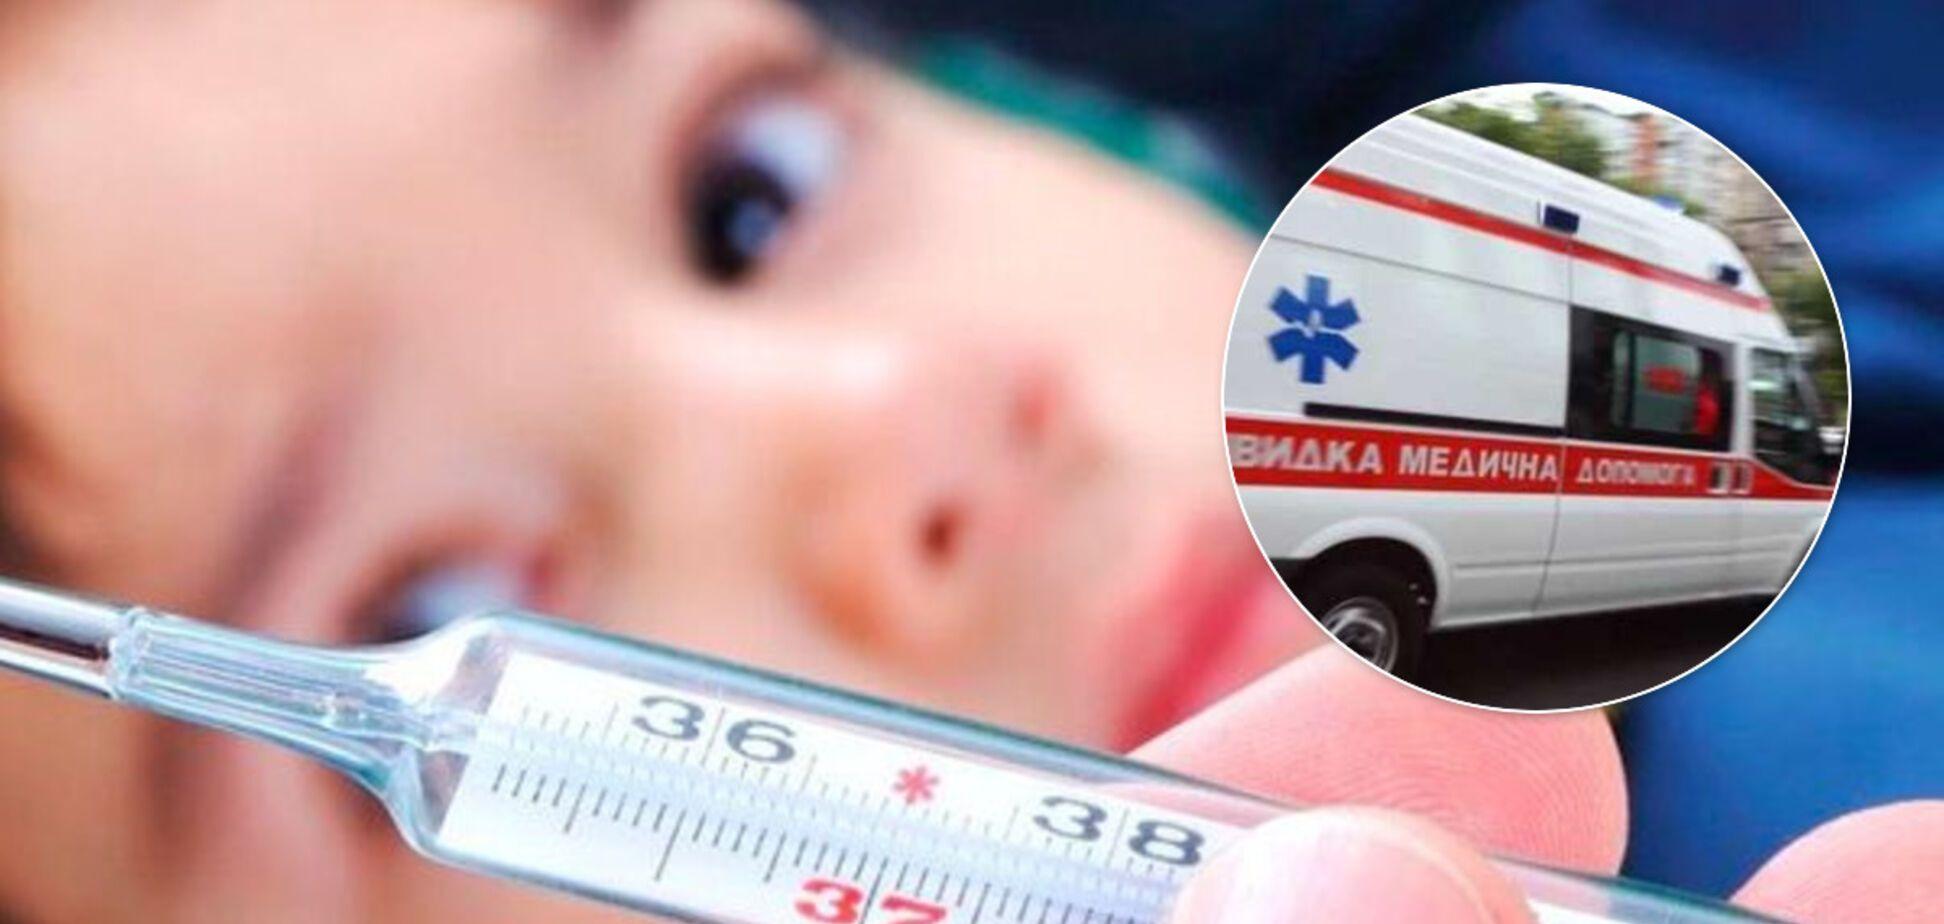 Гірше за коронавірус: в Україні від смертельної інфекції загинули 26 осіб